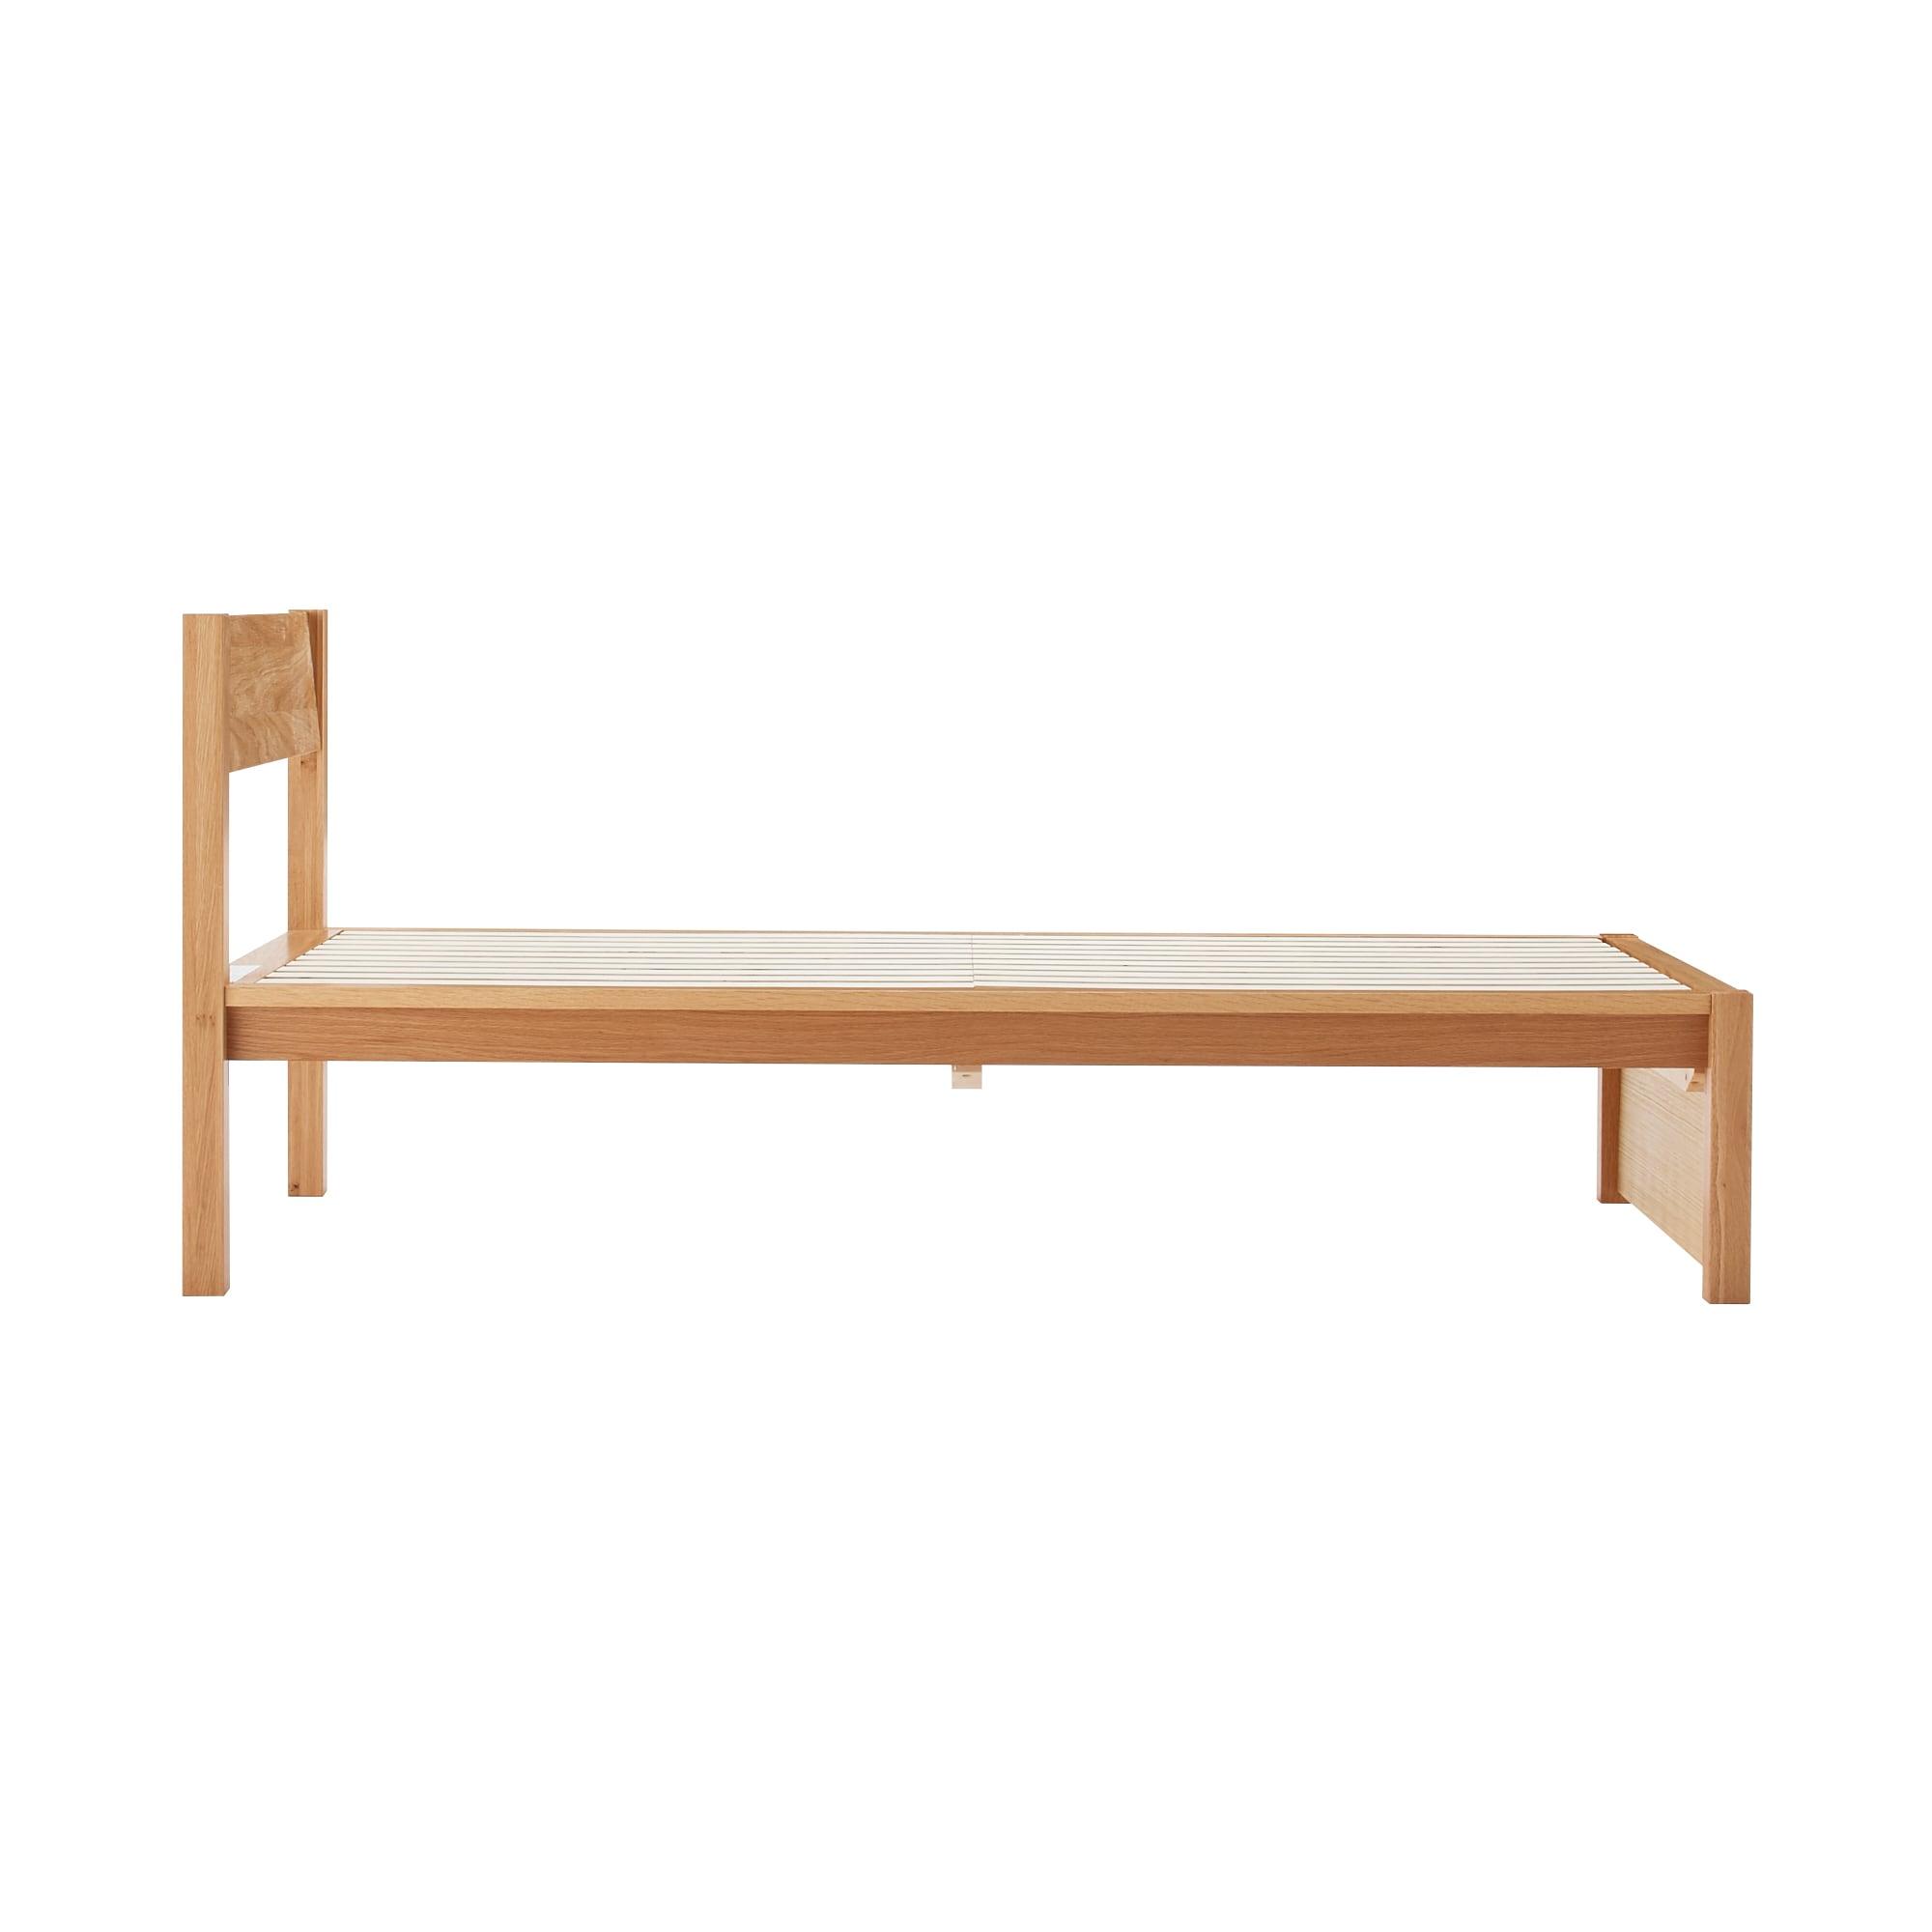 木製ベッド・オーク材・シングル 幅101×奥行203×高さ88cm